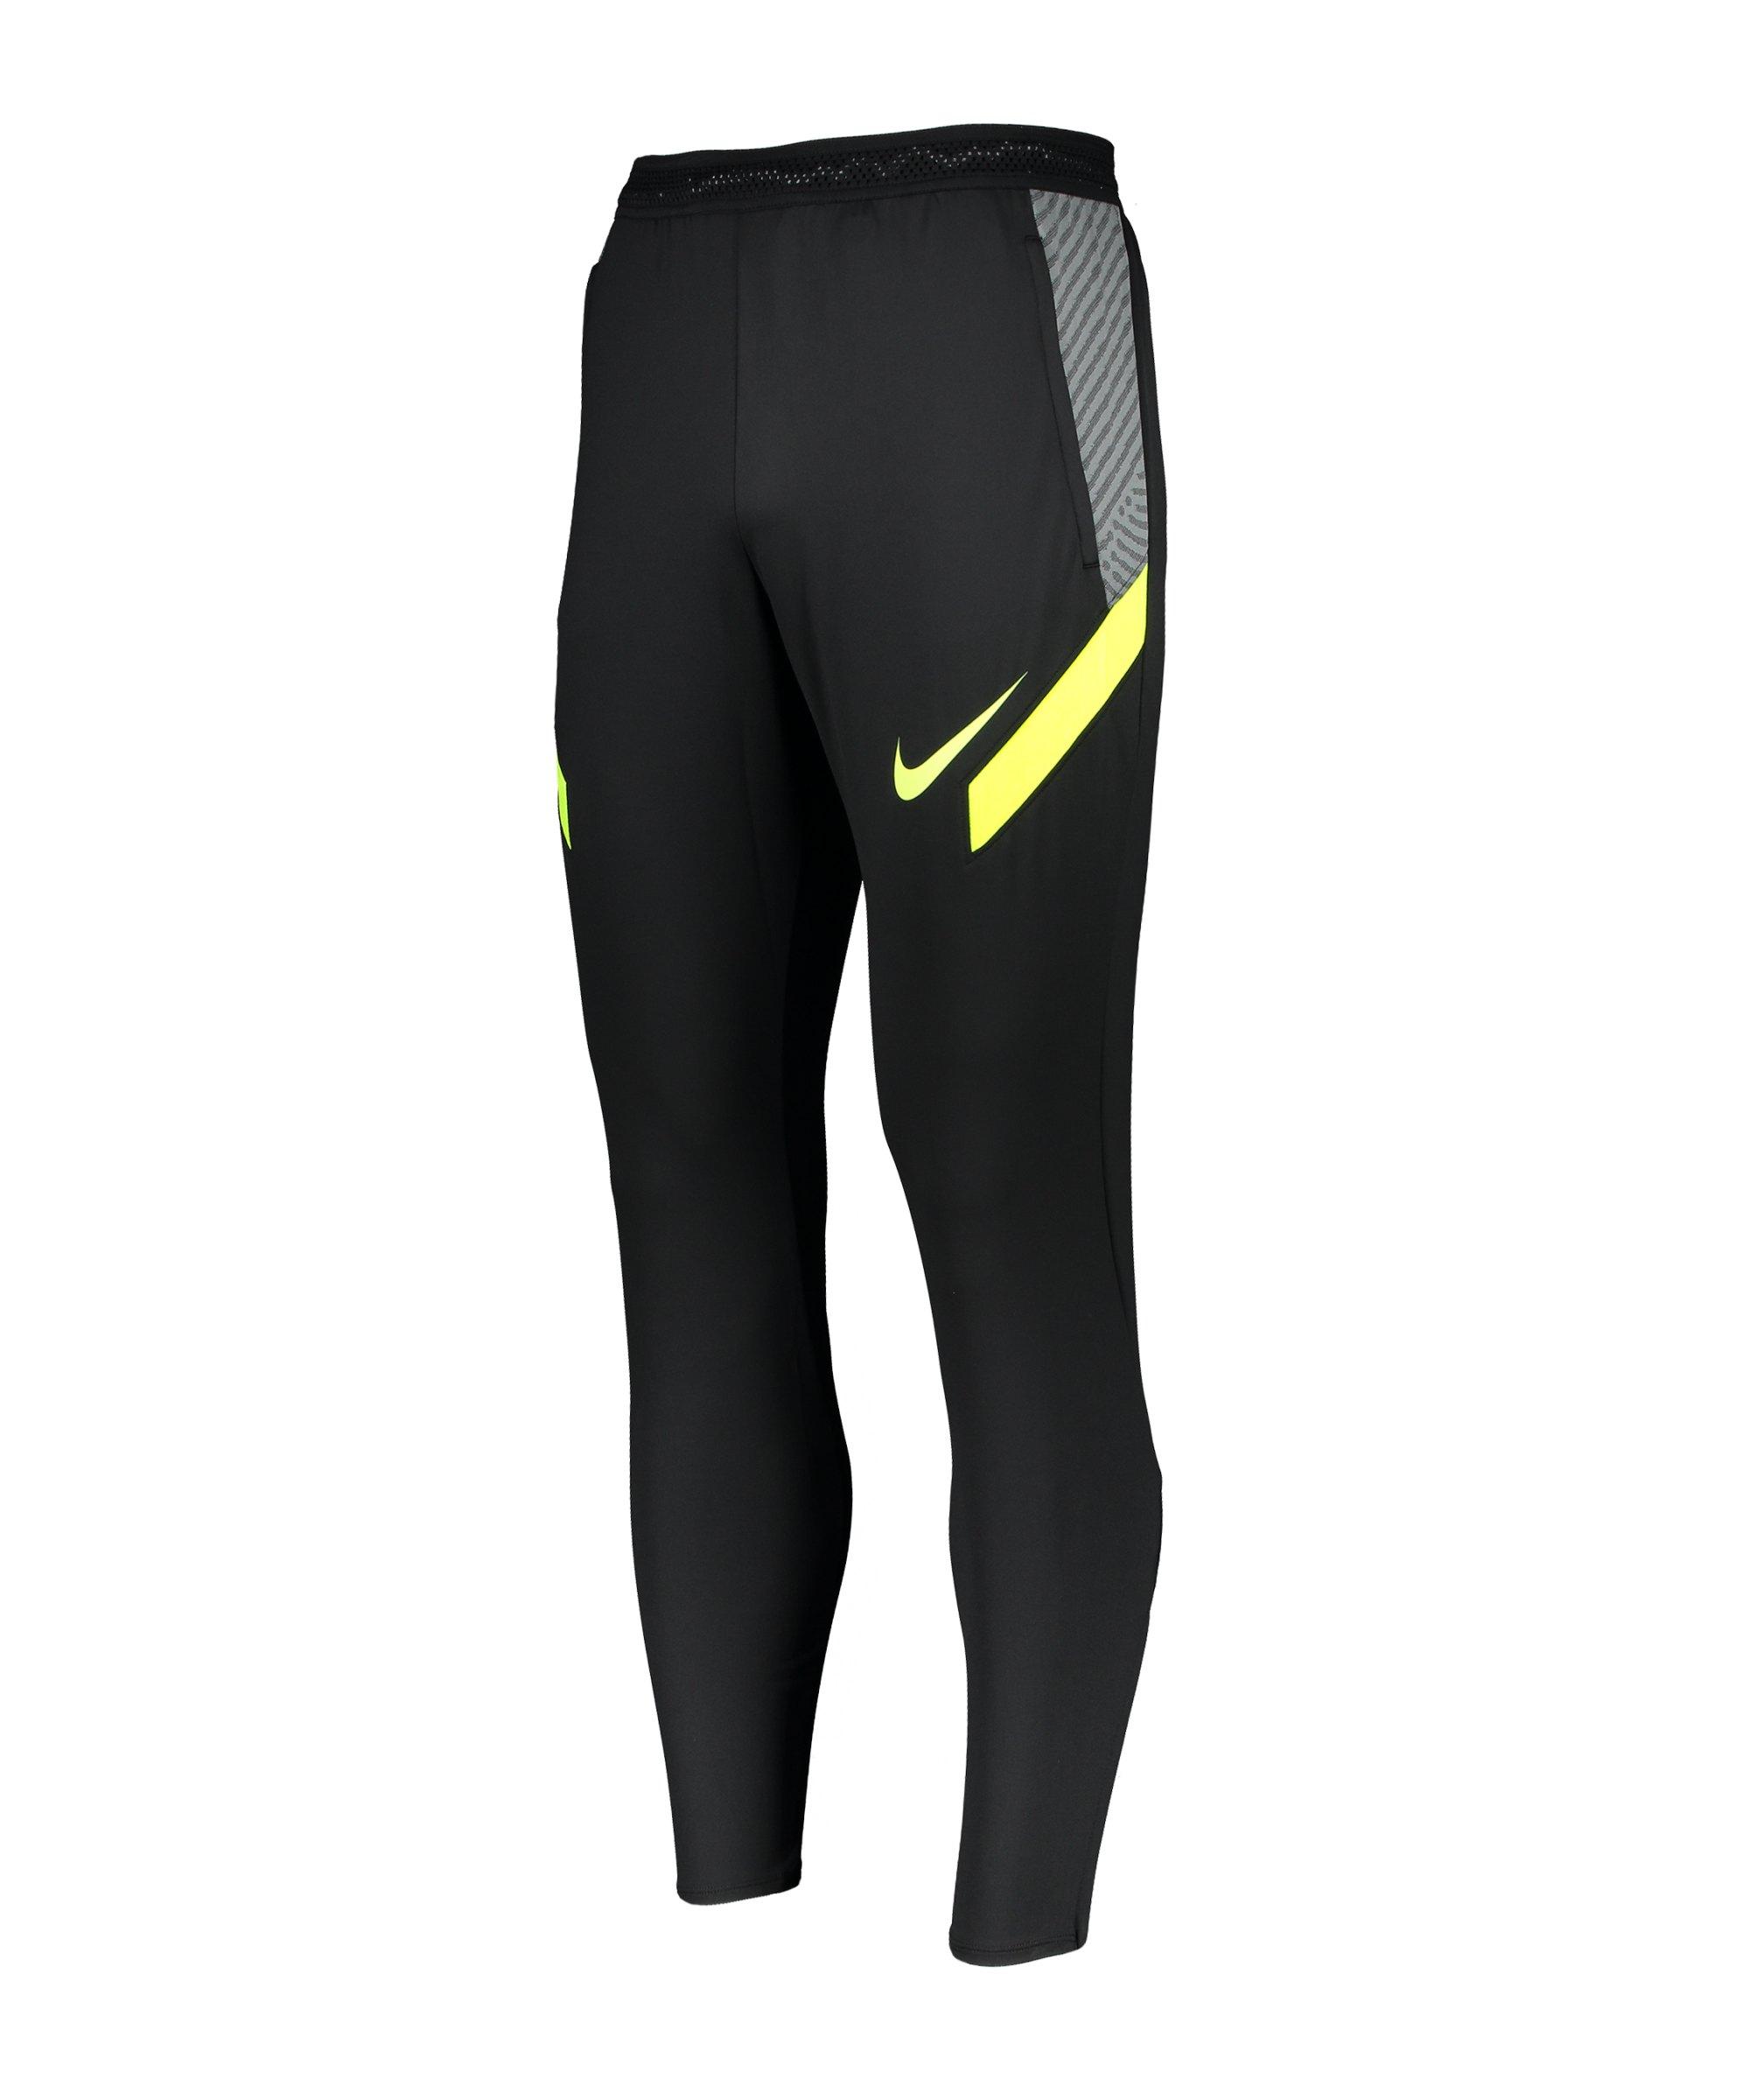 Nike Strike Trainingshose Schwarz F013 - schwarz